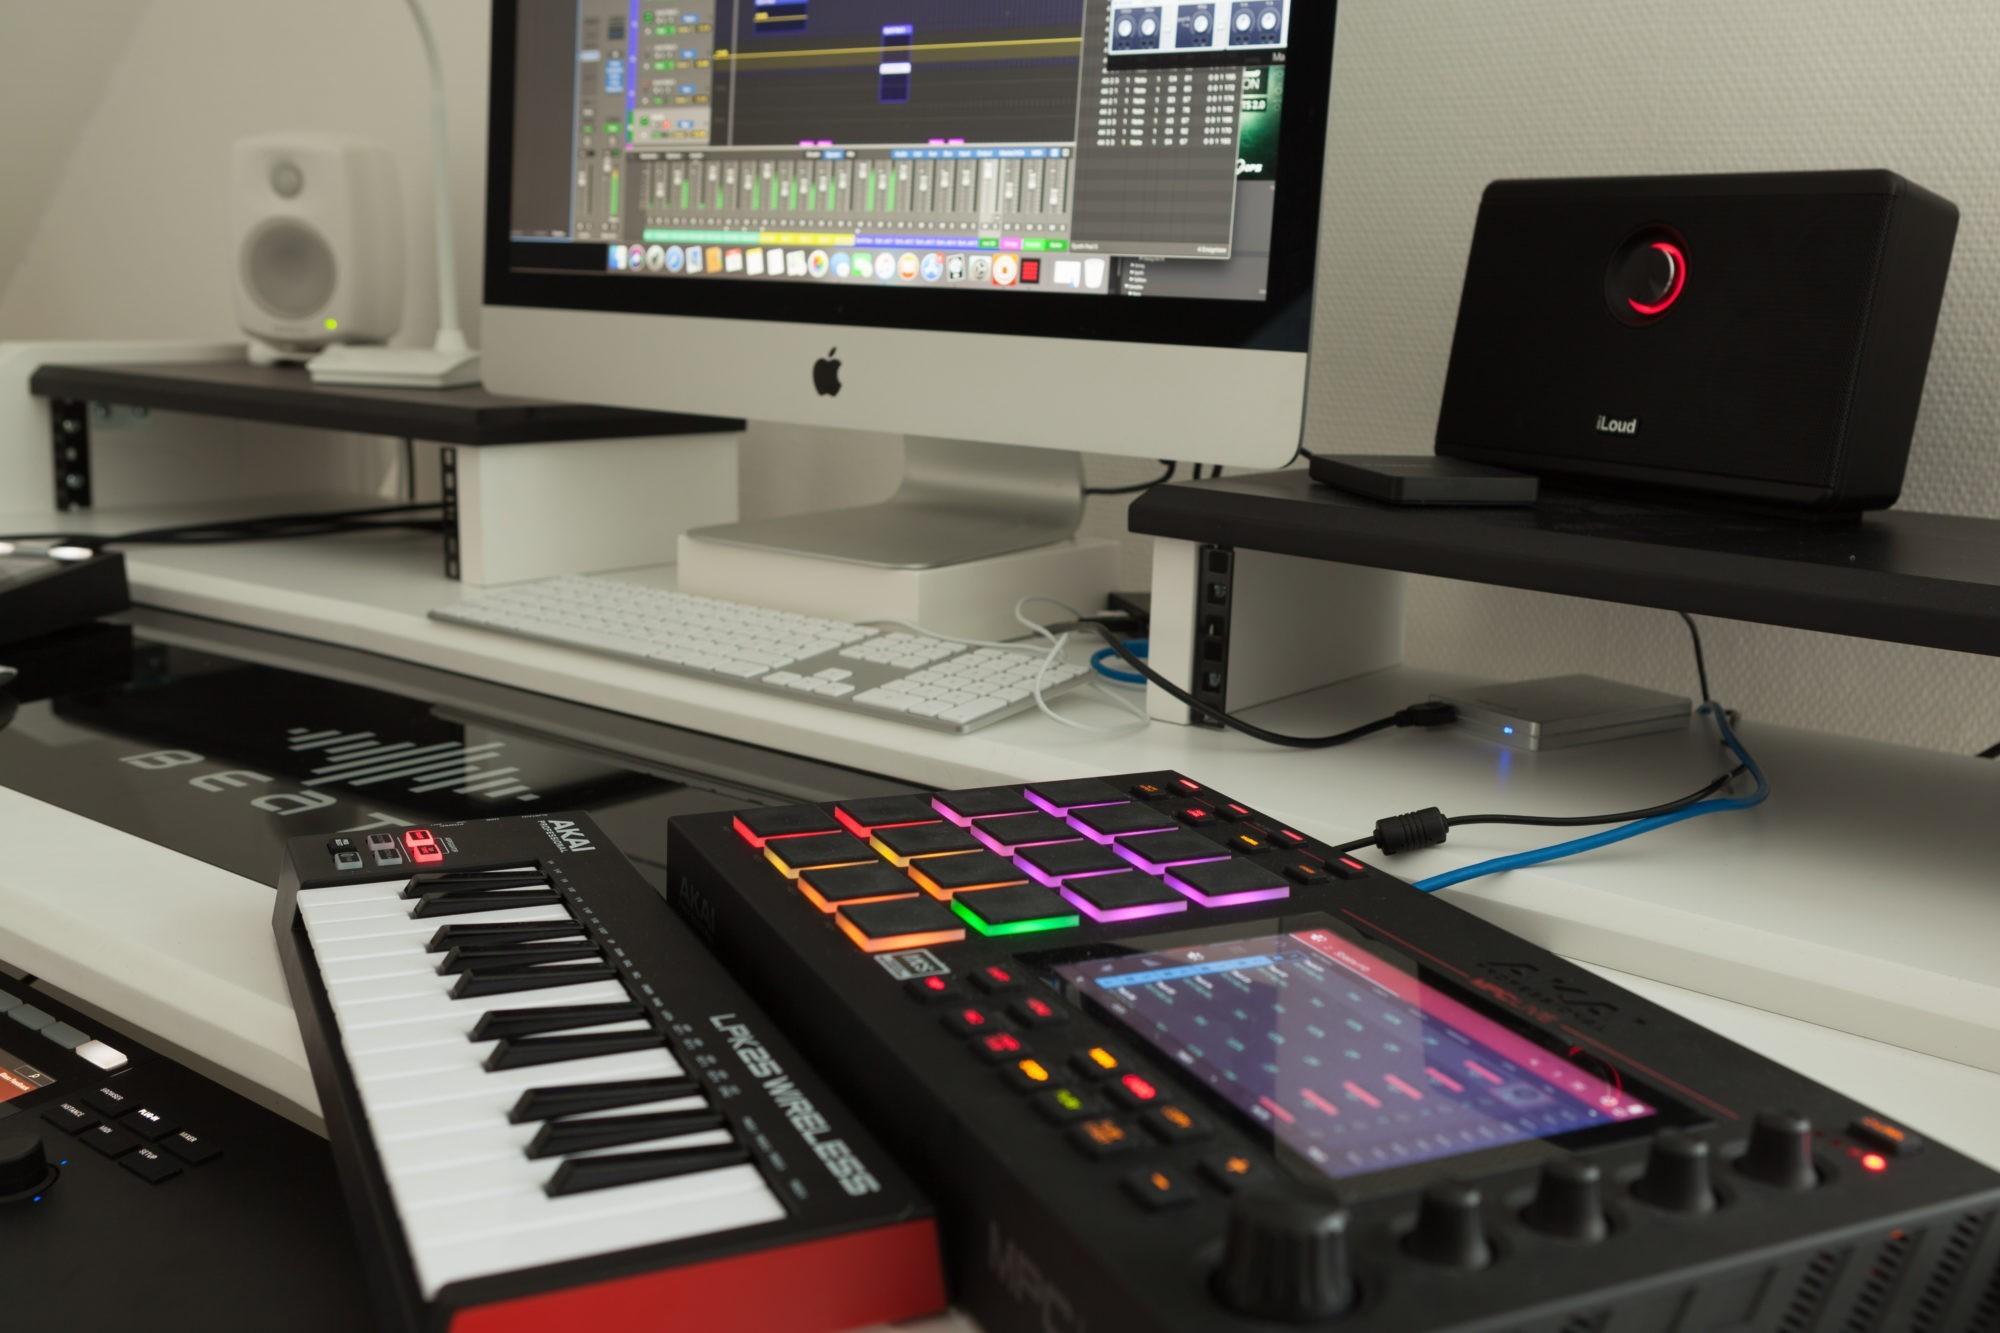 Musikproduktion, Tonstudio, seitlich fotografiert, STRAINX